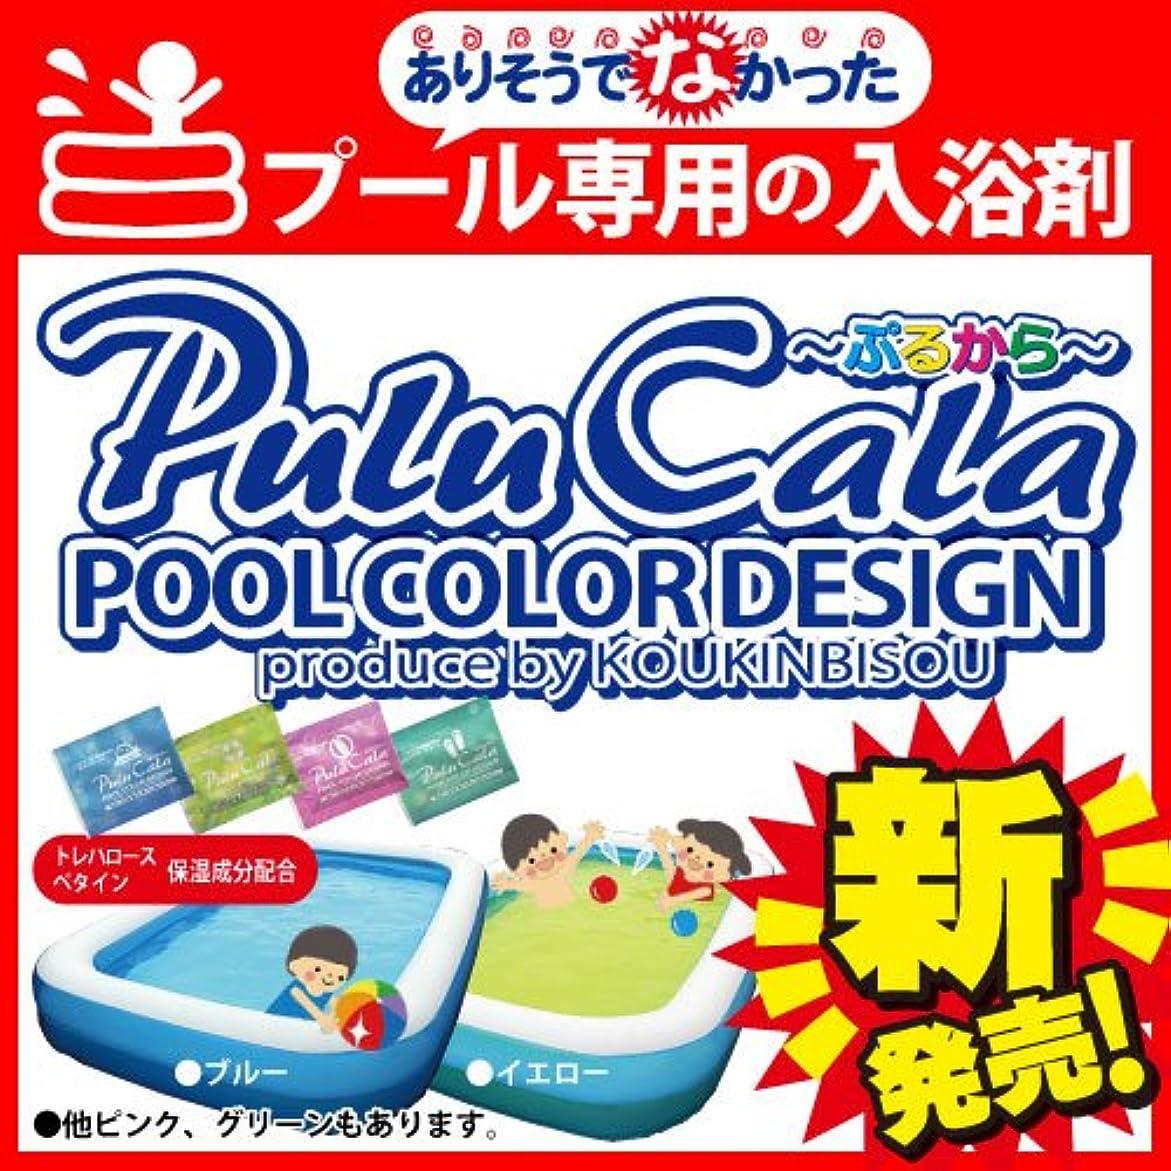 ボトル出力時【プール専用入浴剤】ぷるから ブルー10回分セット(25g×10) 目や口に入っても大丈夫!